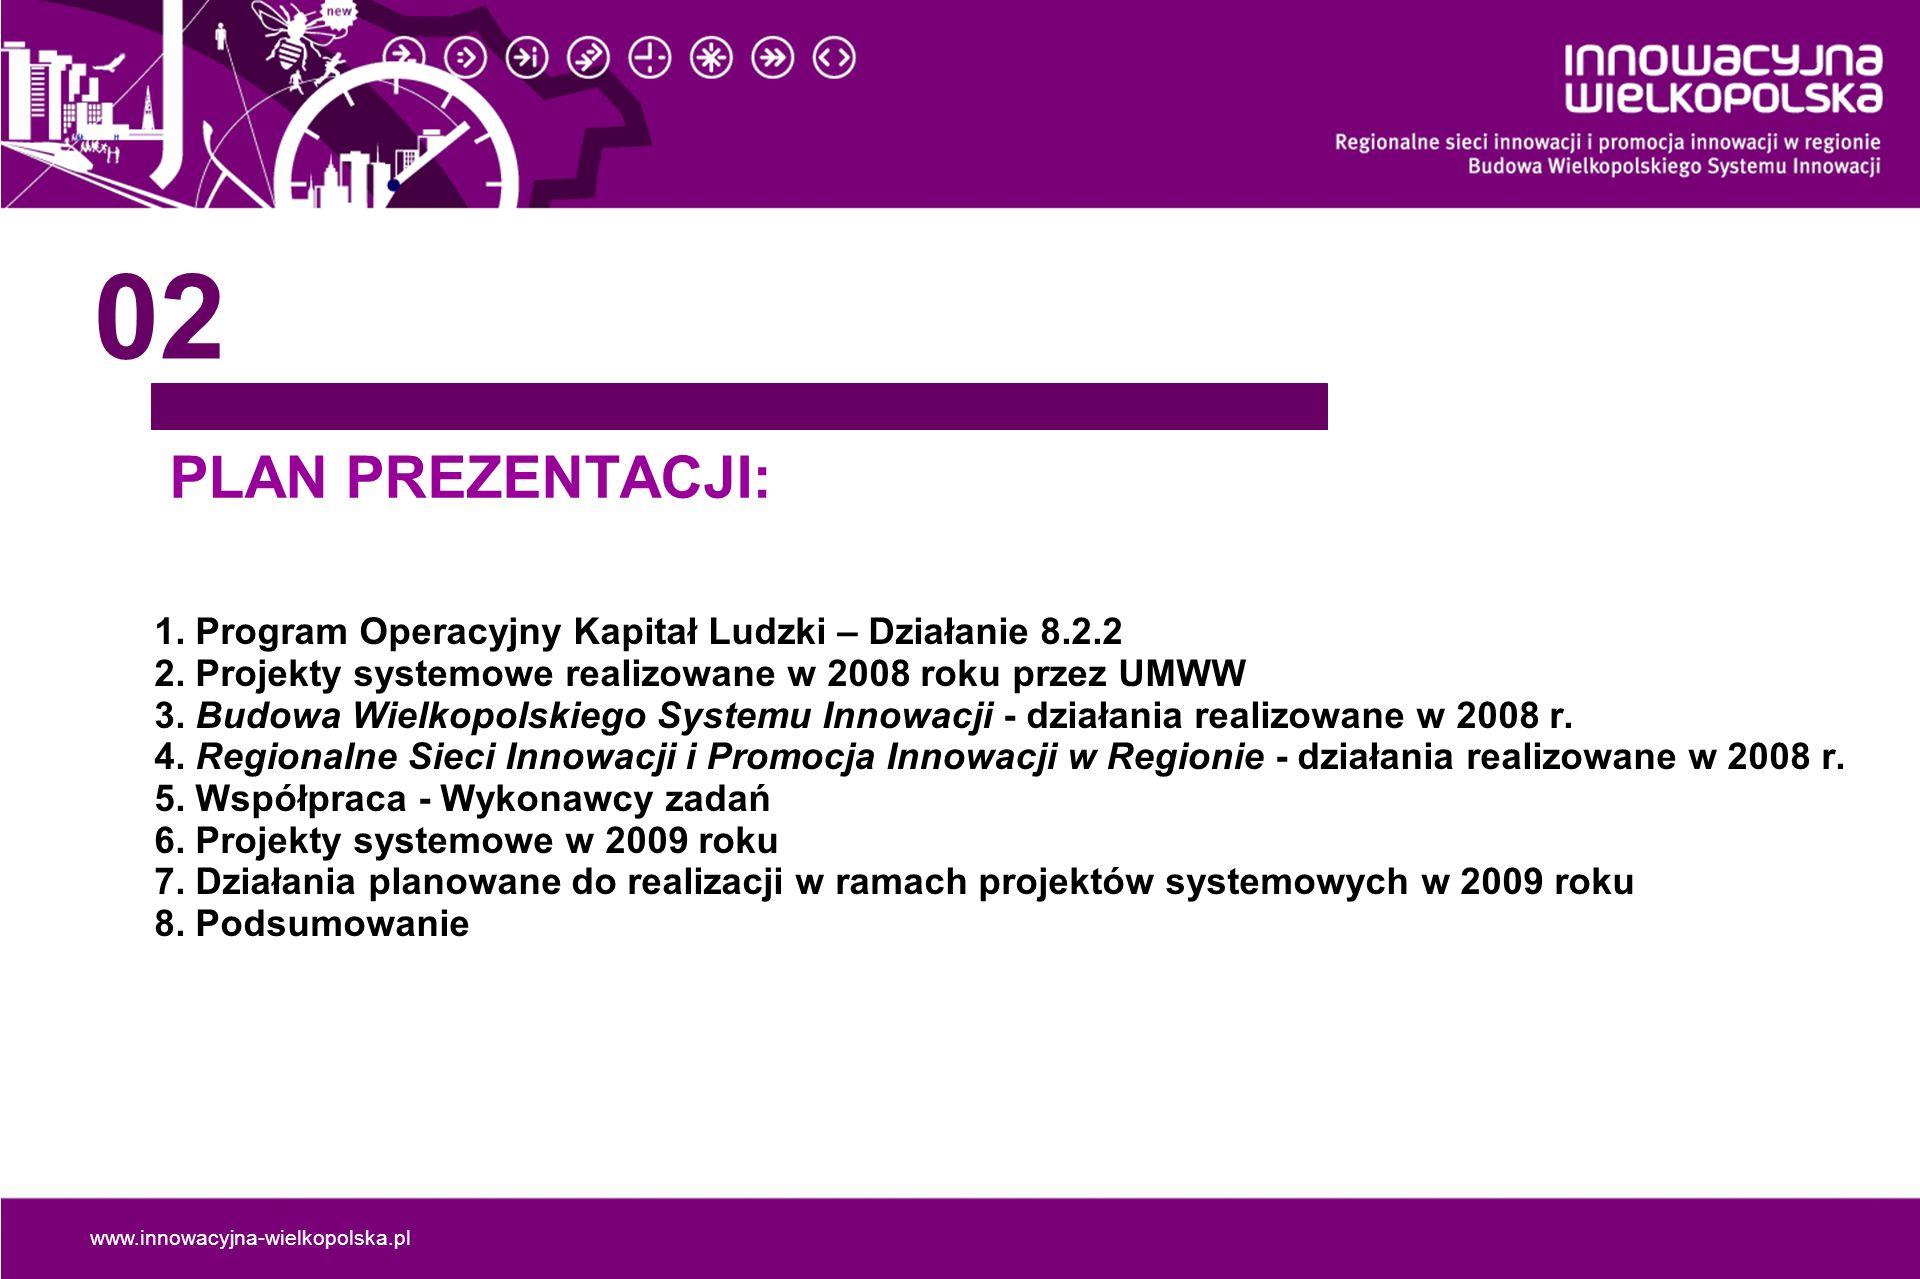 02PLAN PREZENTACJI: 1. Program Operacyjny Kapitał Ludzki – Działanie 8.2.2. 2. Projekty systemowe realizowane w 2008 roku przez UMWW.